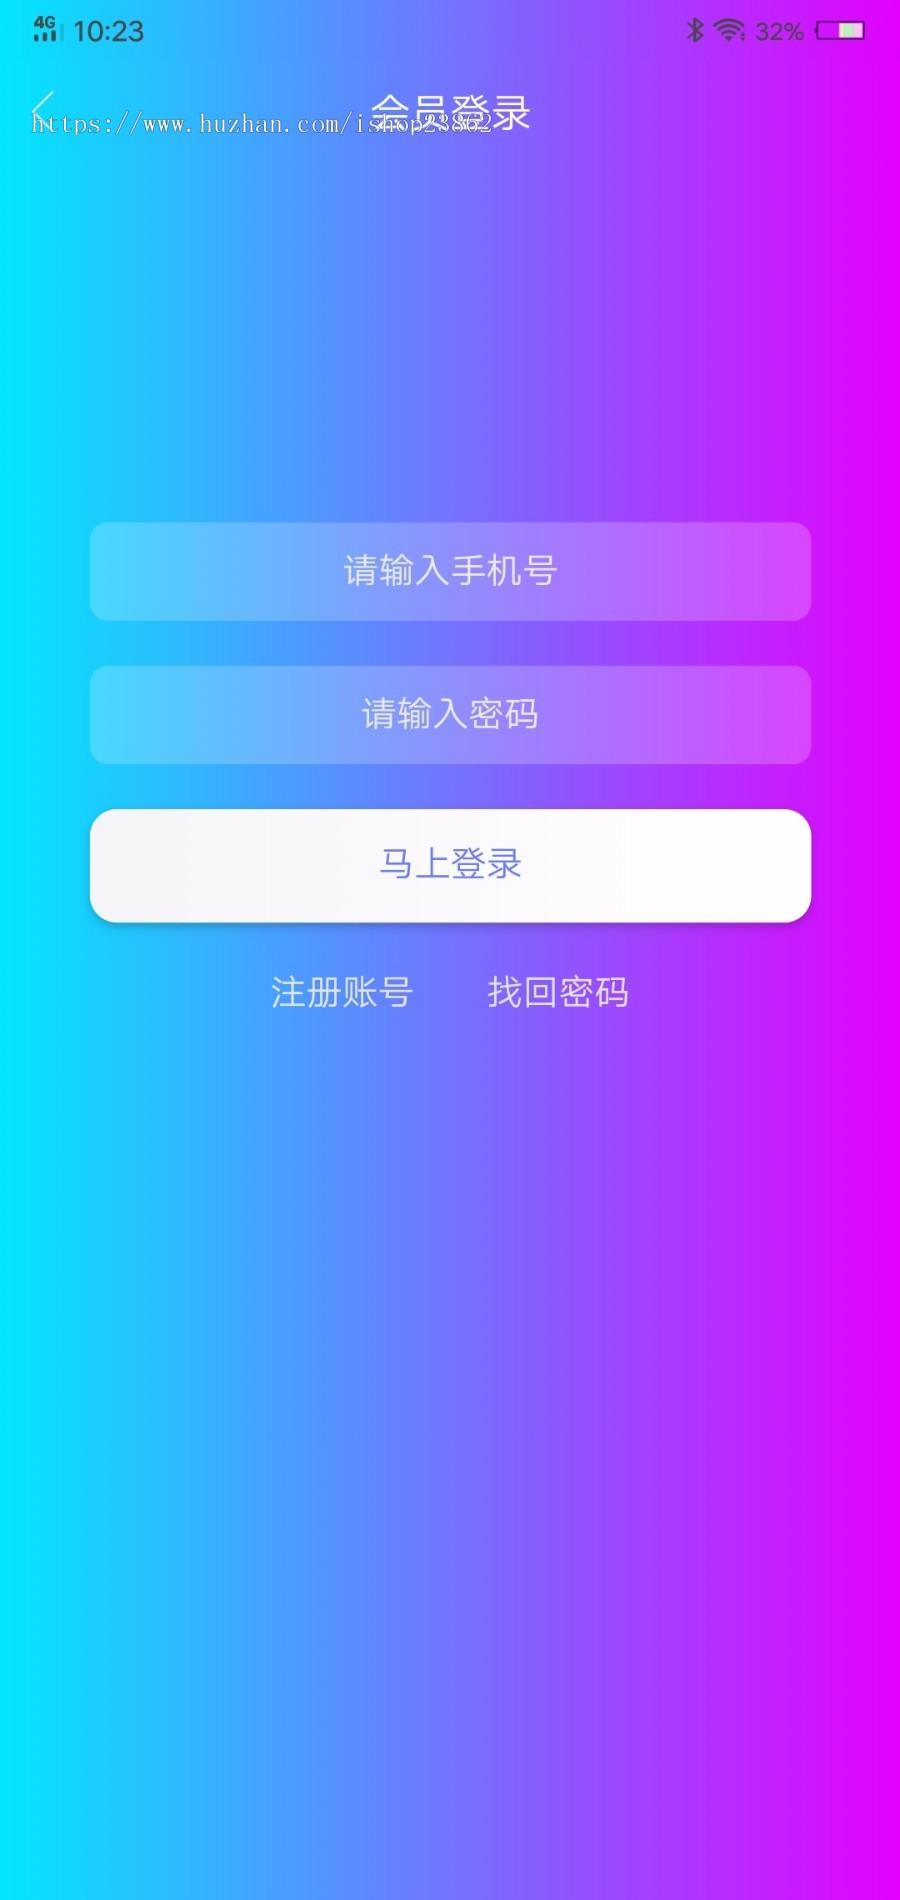 【运营版】五级分销版双端影视源码安卓苹果ios-妄念博客